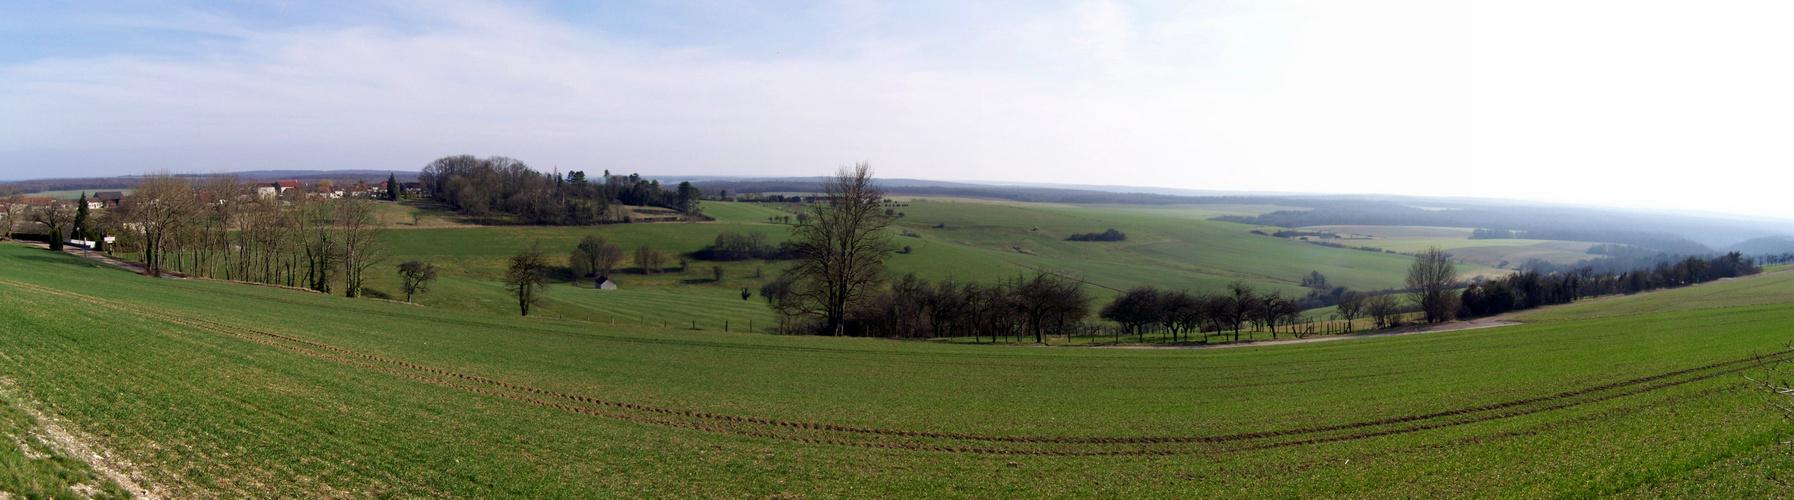 Alentours de Colombey-les-deux-Eglises